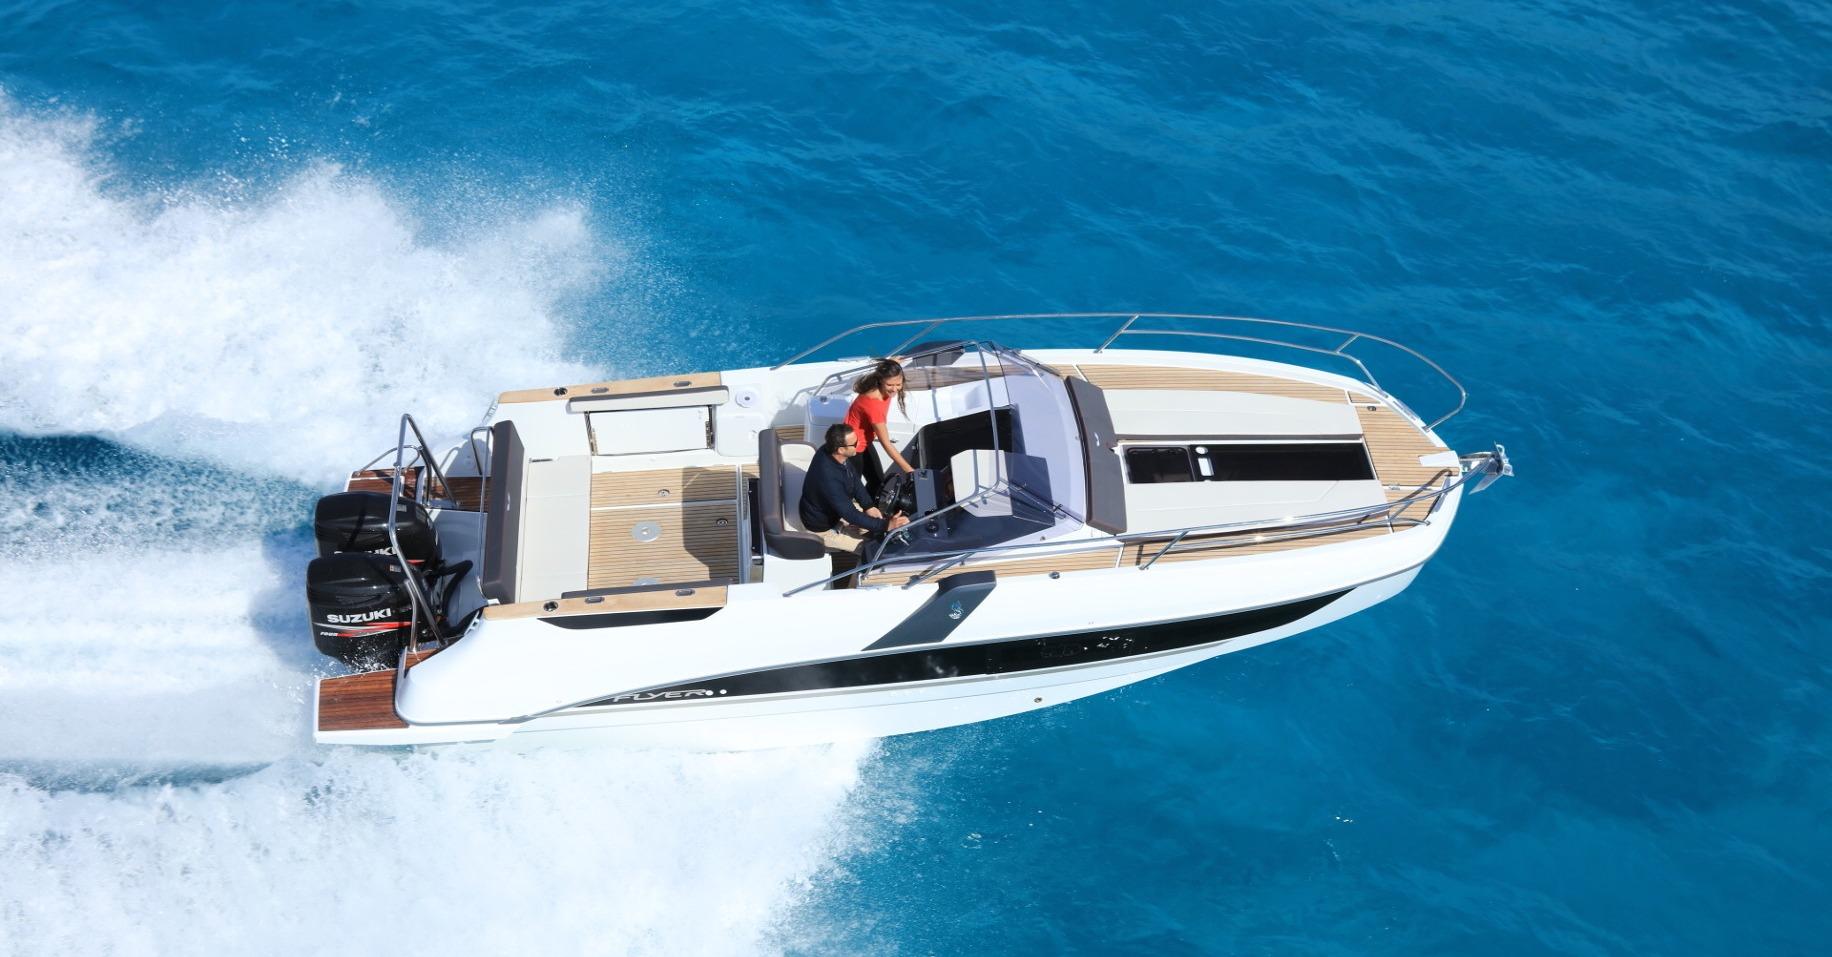 Location BENETEAU Flyer 8.8 SUNdeck à Ajaccio   www.uni-bateaux.com